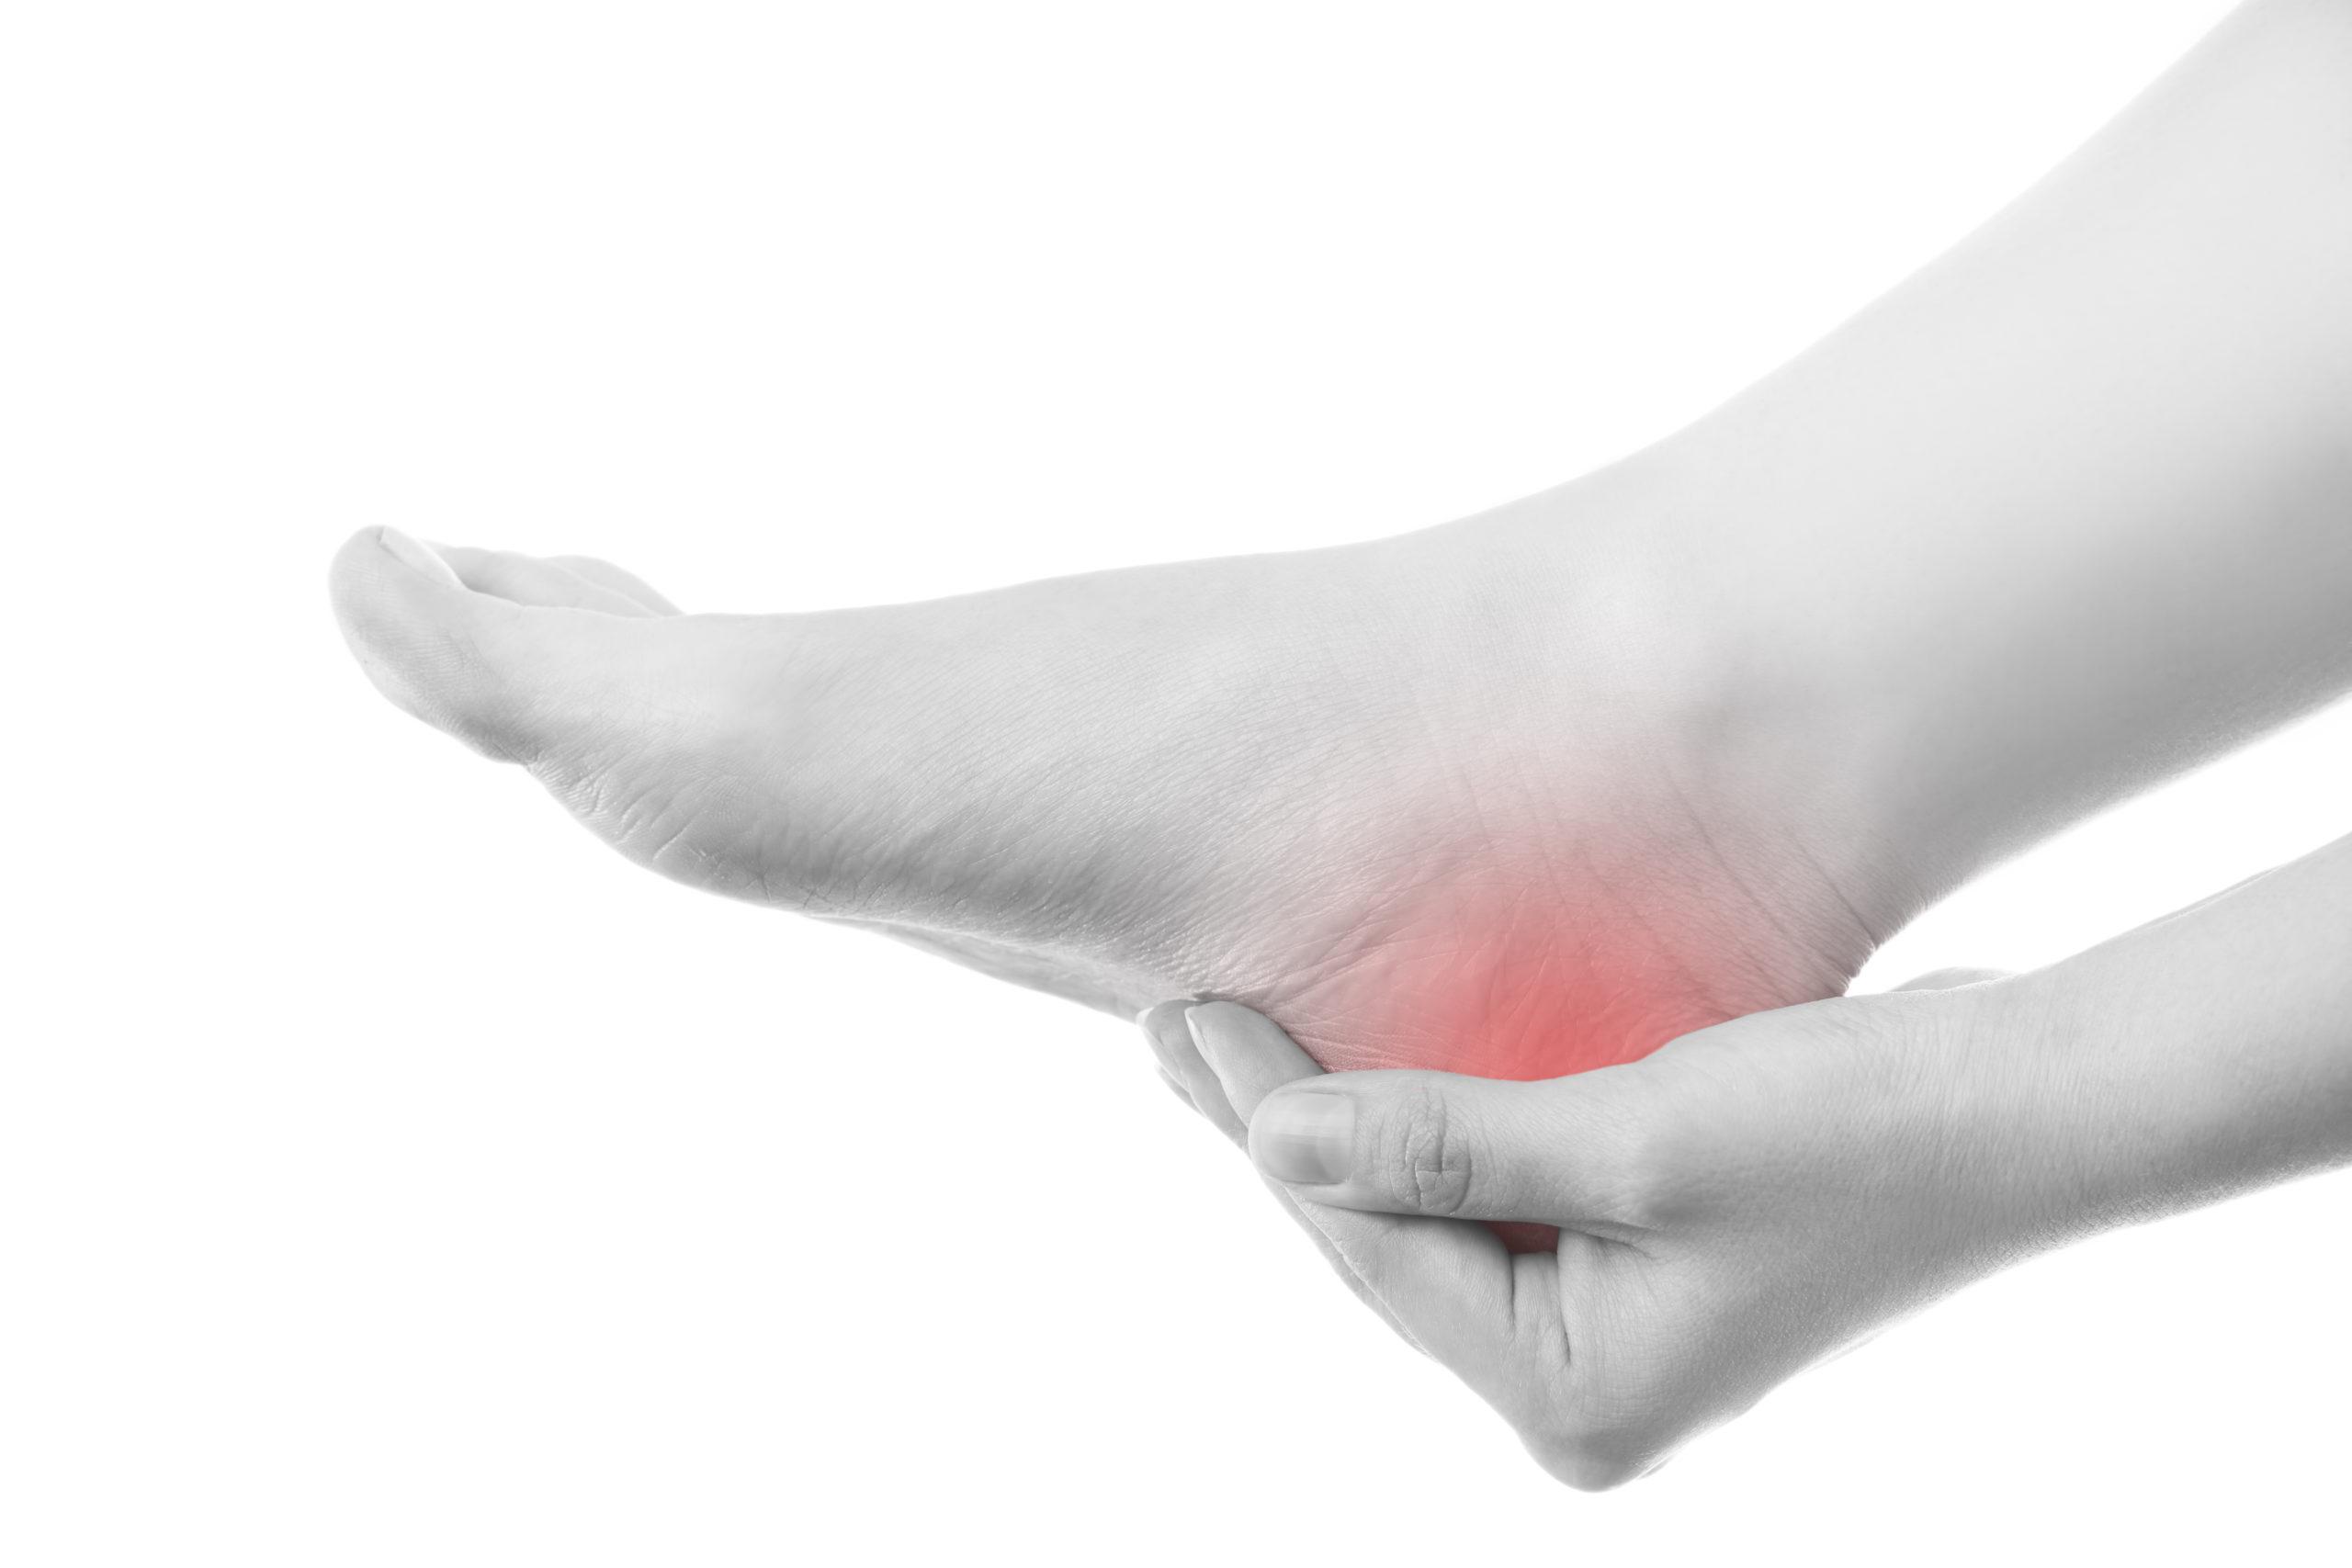 região da dor no osso do calcâneo